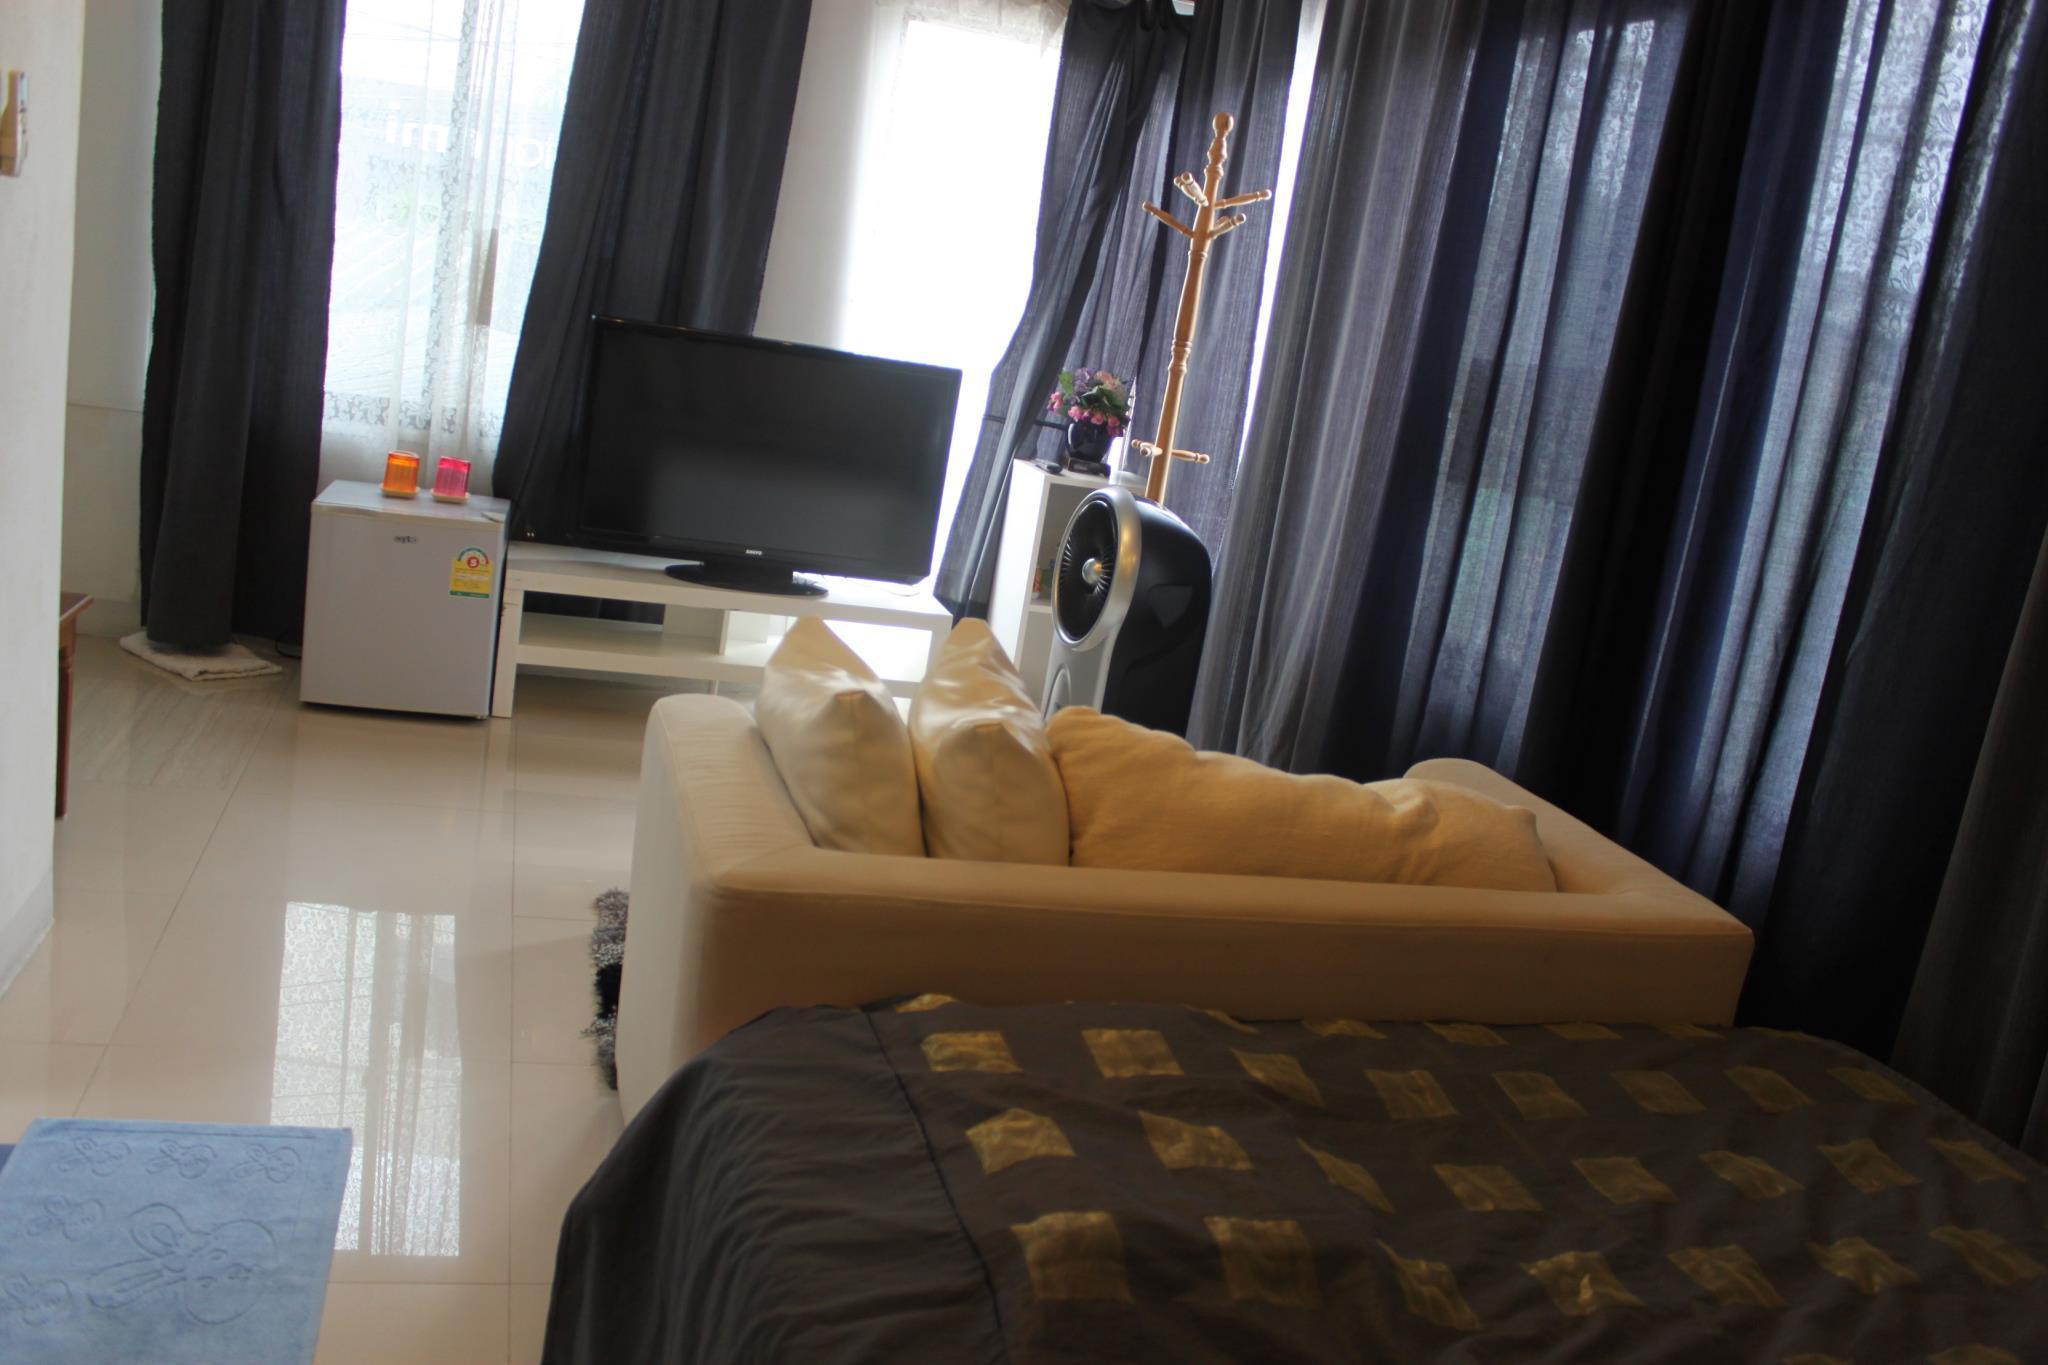 塔佩床铺旅馆,ท่าแพ บังก์ โฮม